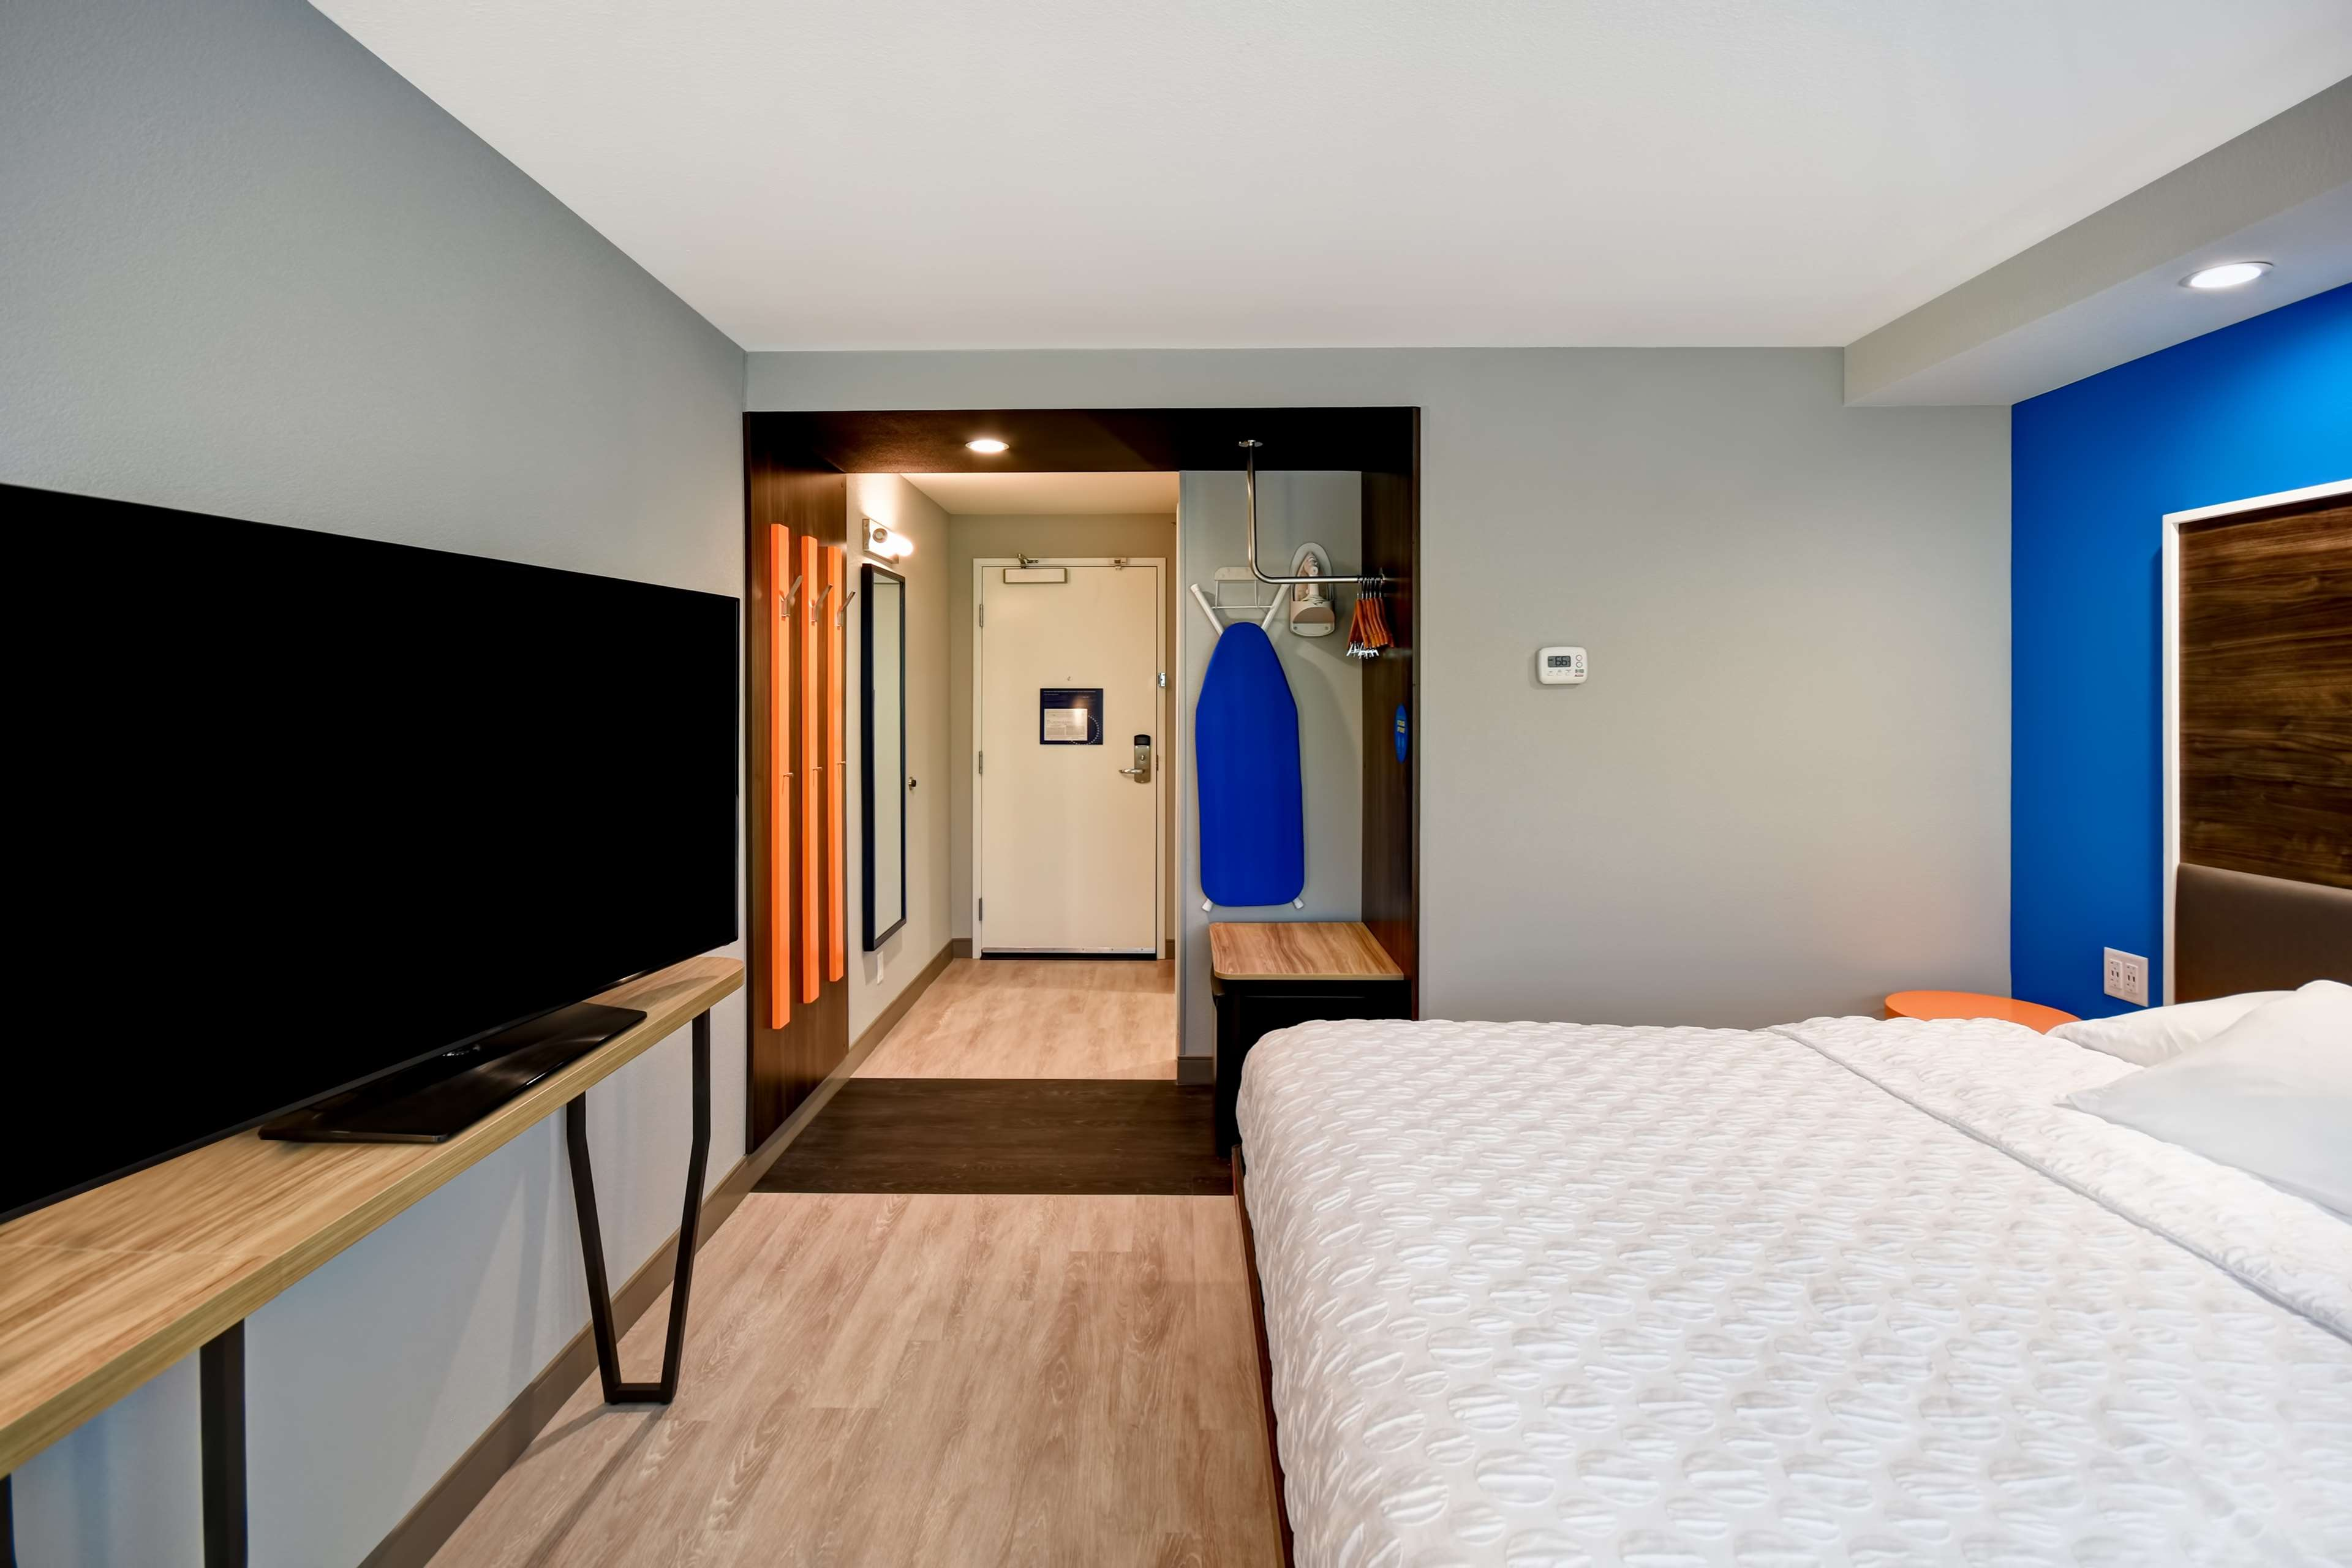 Tru by Hilton Deadwood image 26